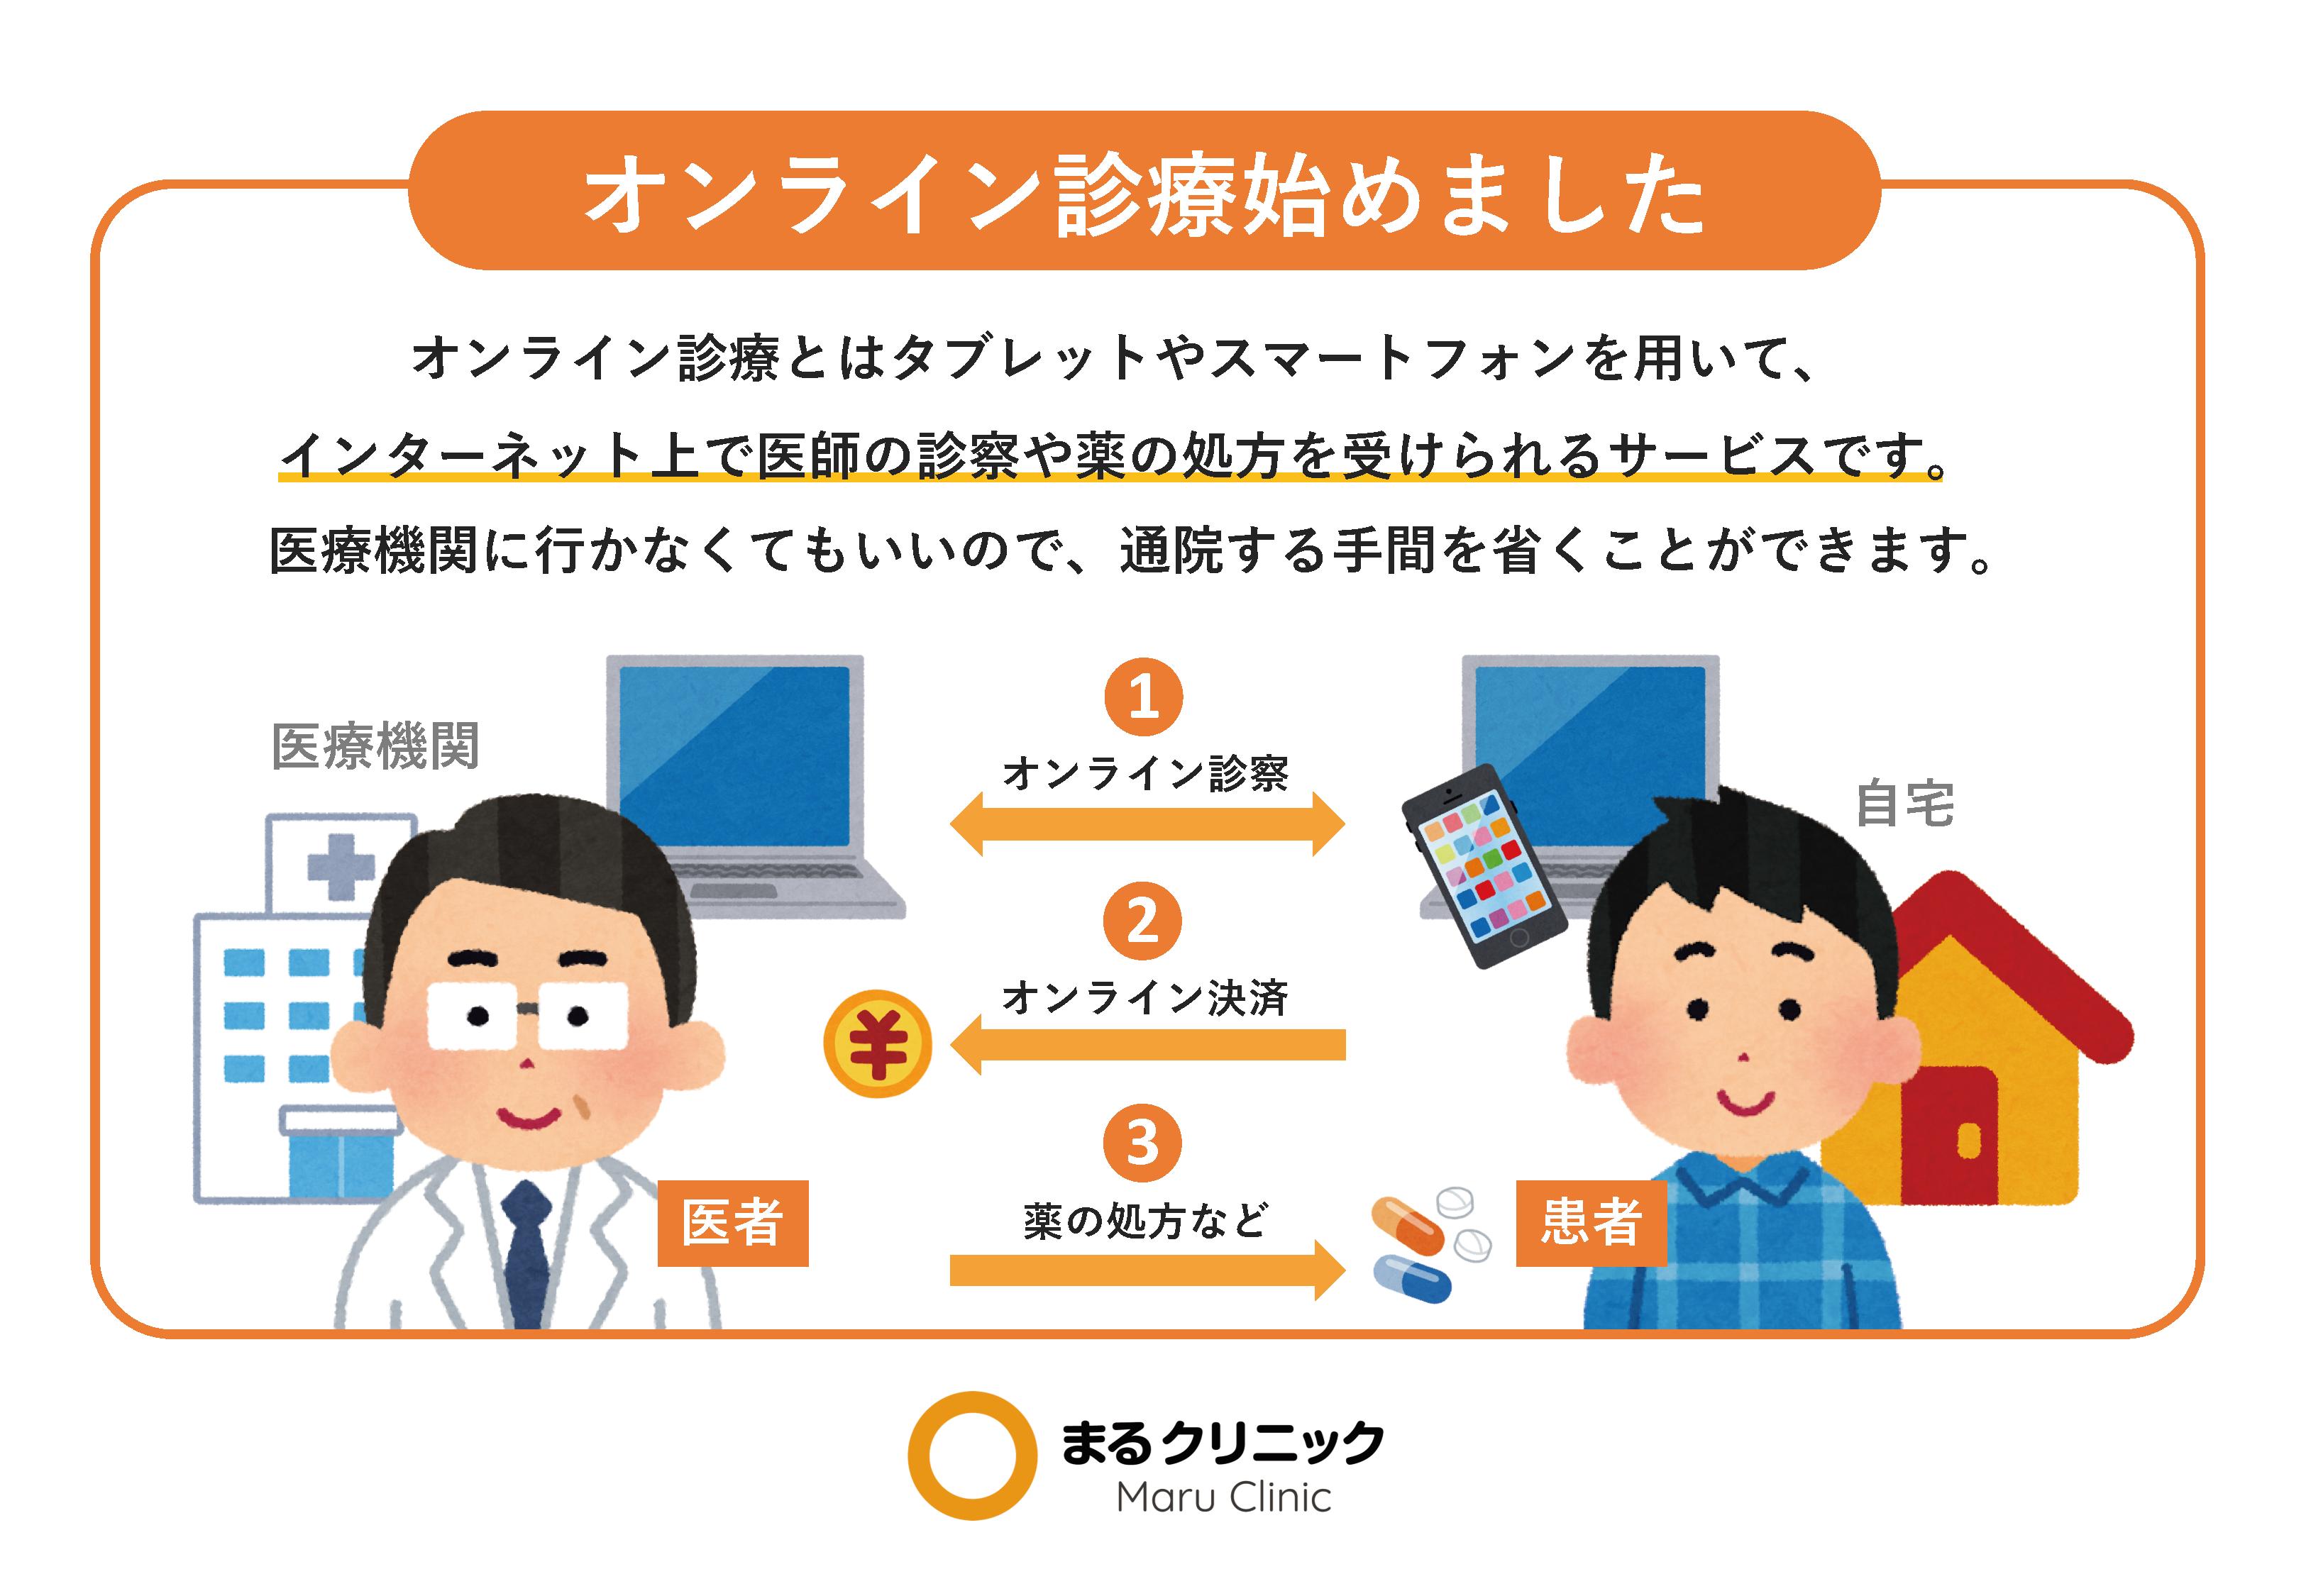 オンライン診療の流れ 【新型コロナウイルス対策ツール】